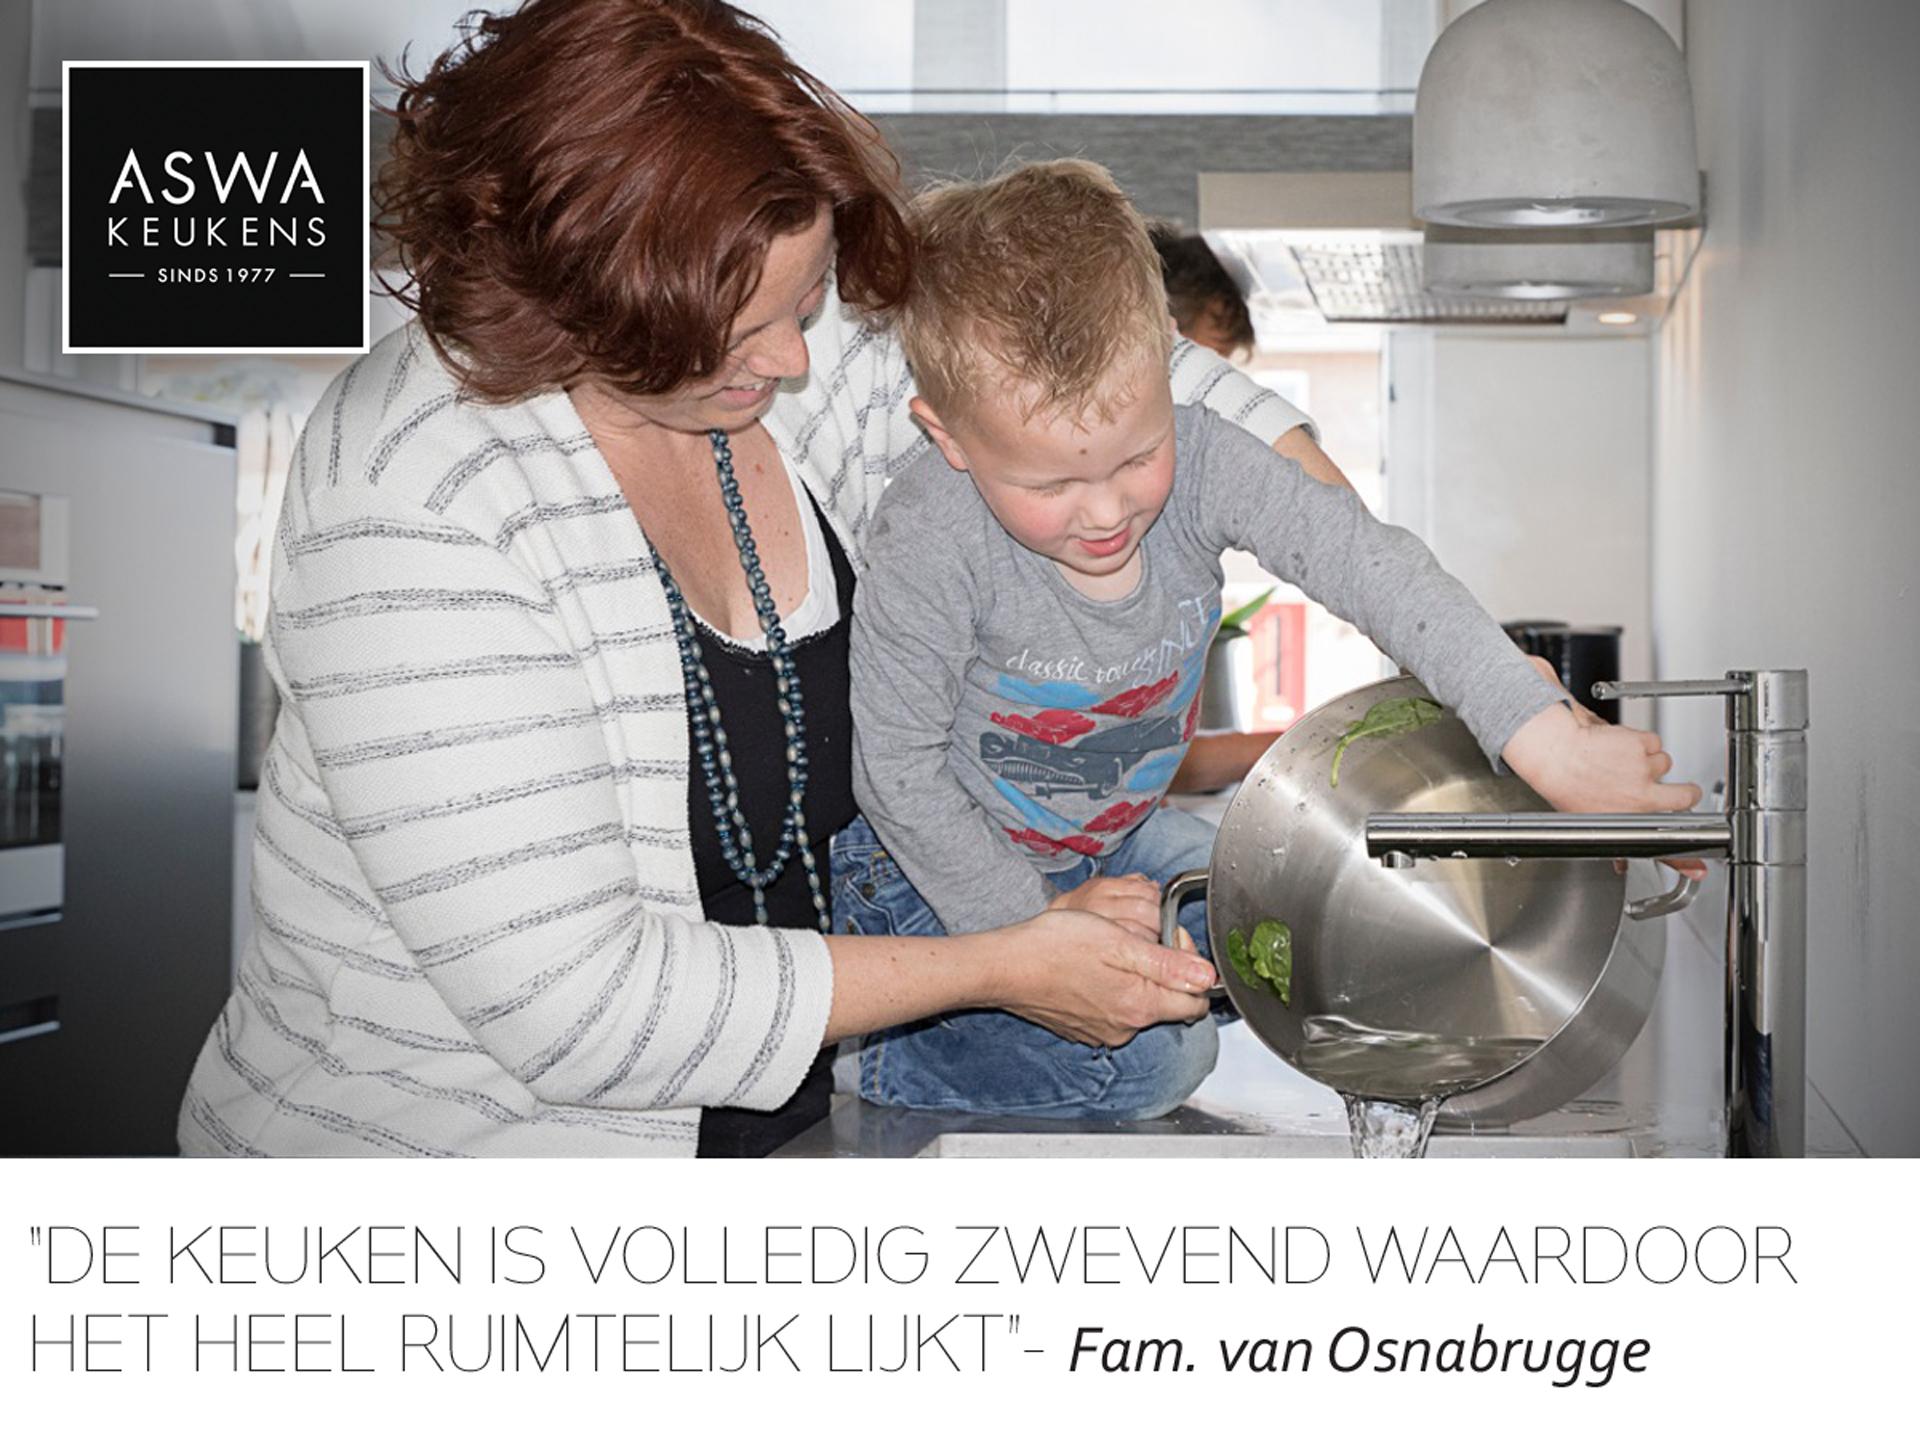 Klantervaring ASWA Keukens van Osnabrugge